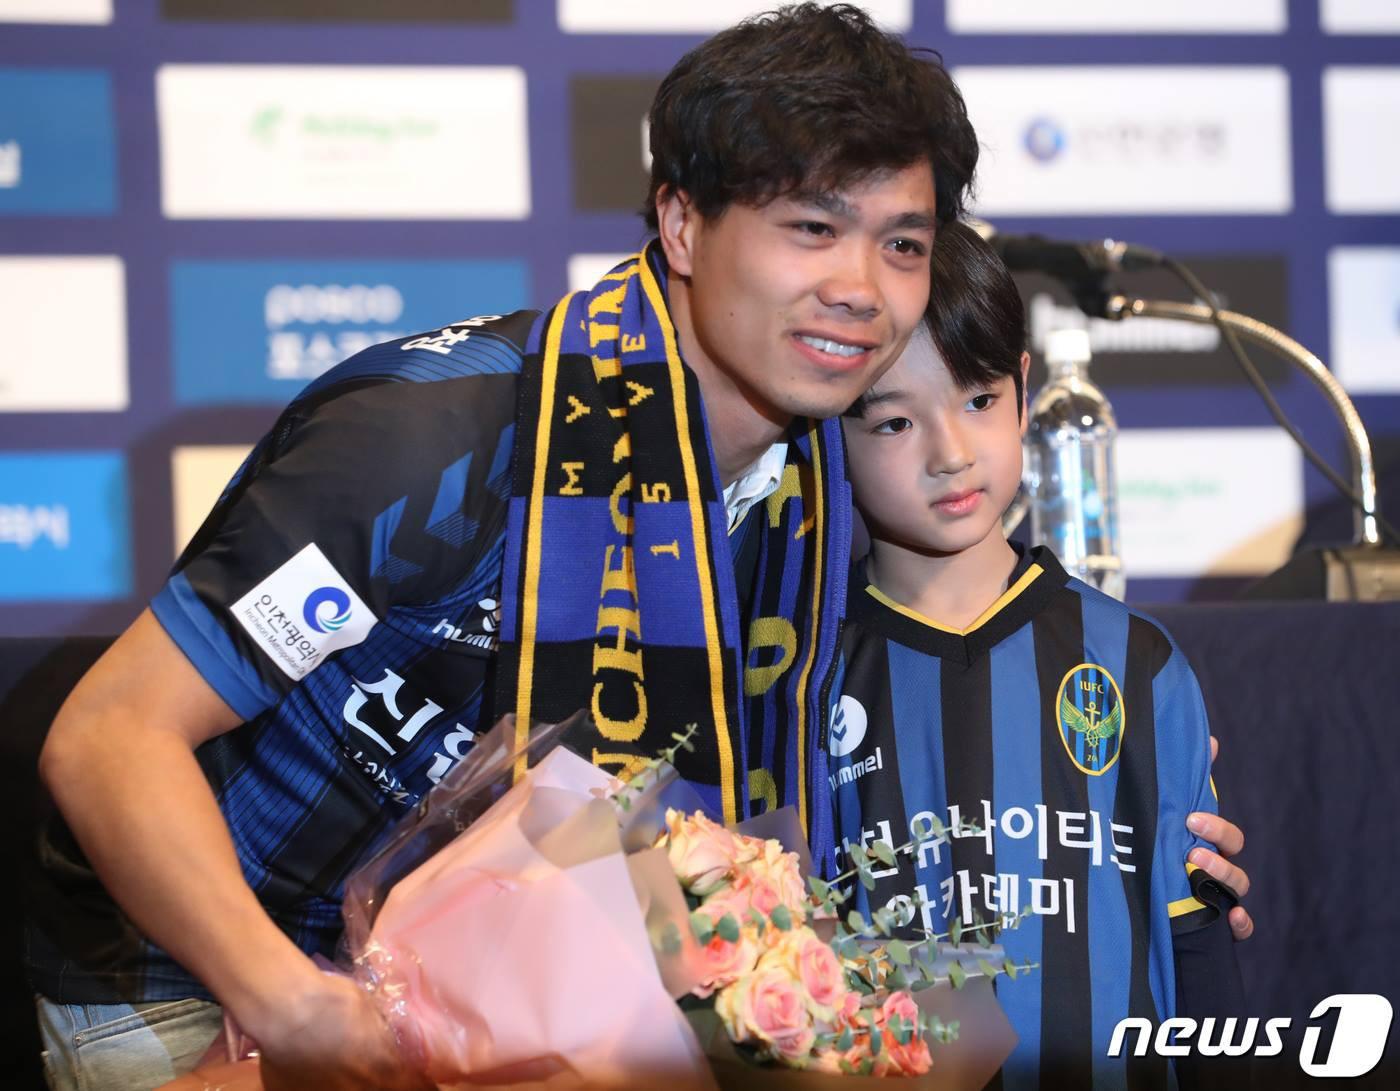 công phượng - photo 8 15501277154681039422742 - Công Phượng đầy nam tính và lịch lãm trong ngày ra mắt Incheon United